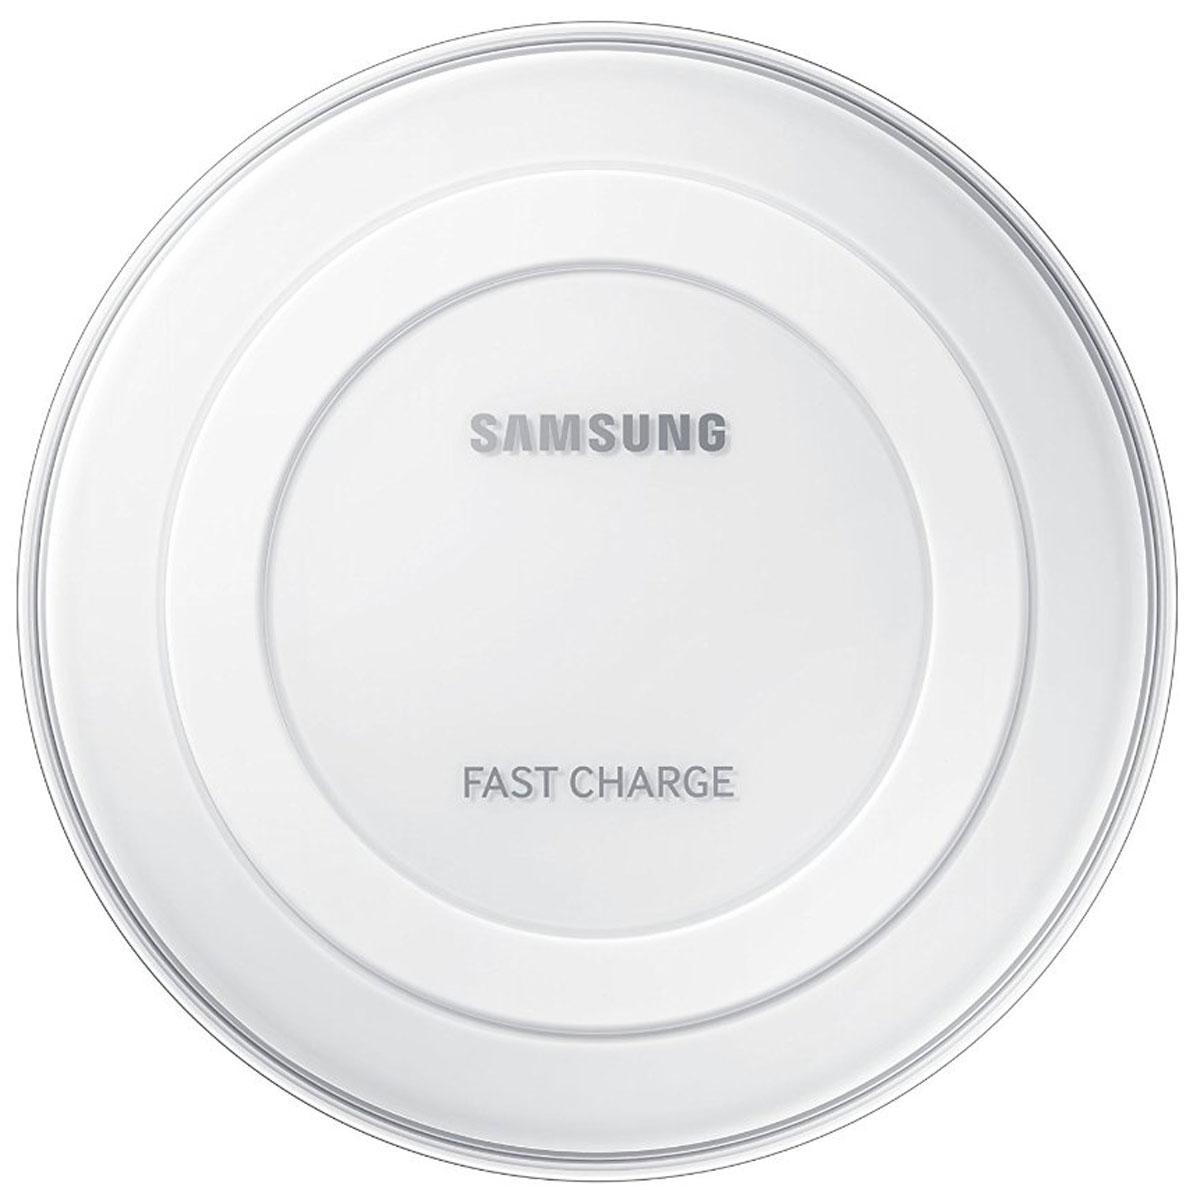 Samsung EP-PN920, White беспроводное зарядное устройствоEP-PN920BWRGRUС беспроводным зарядным устройством Samsung EP-PN920 заряжать смартфон стало проще и быстрее, чем когда-либо. Не нужно подключать кабель к смартфону, достаточно положить ваше мобильное устройство на зарядную панель, и быстрая зарядка начнется автоматически. В отличие от большинства обычных зарядных устройств, беспроводное зарядное устройство Samsung EP-PN920 имеет уникальный и красивый дизайн. Прозрачные элементы и глянцевое покрытие корпуса добавляют изысканности, а элегантная округлая форма устройства добавит стиля любому интерьеру. Специальный LED-индикатор позволит вам контролировать статус зарядки мобильного устройства, меняя цвет с небесно-голубого на ярко-зеленый, когда аккумулятор полностью заряжен.